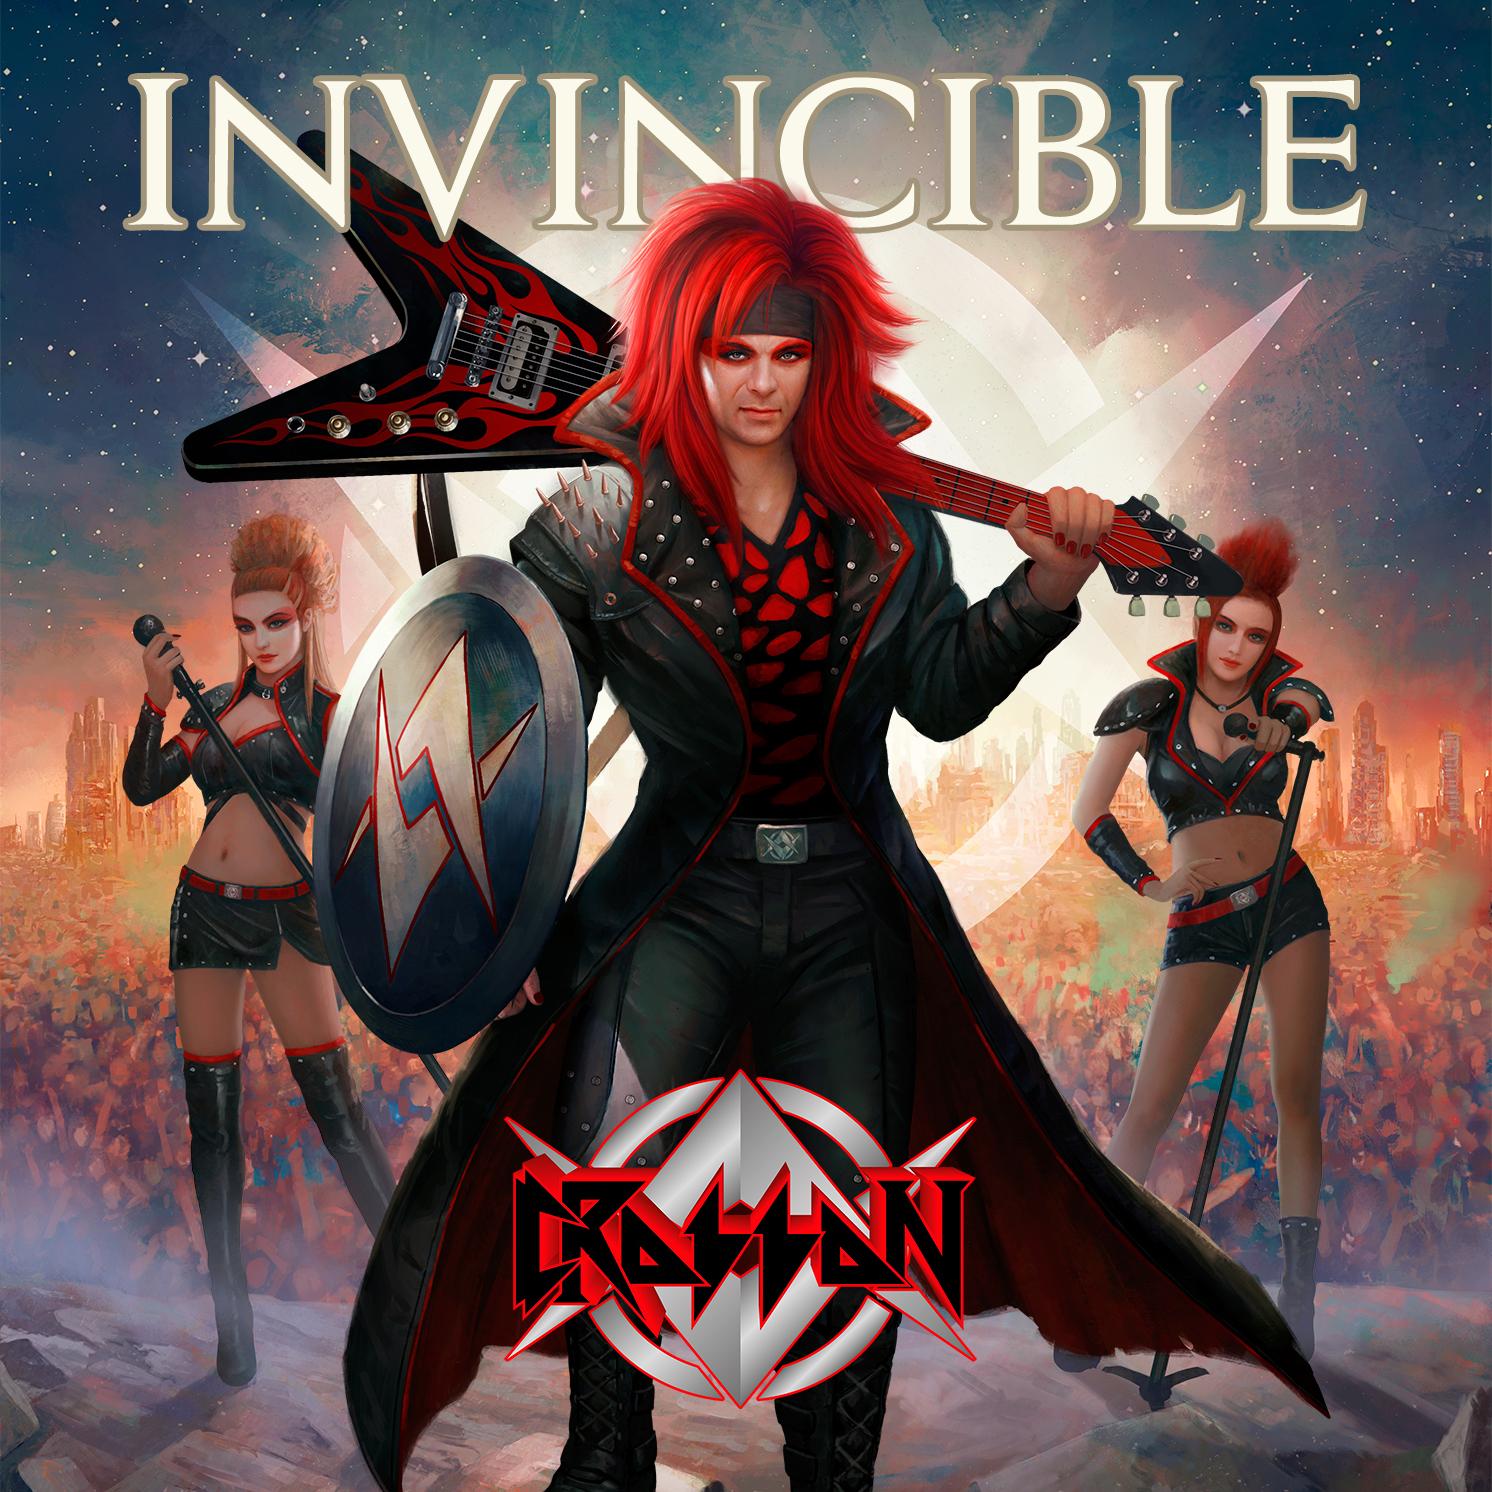 Invincible-Album